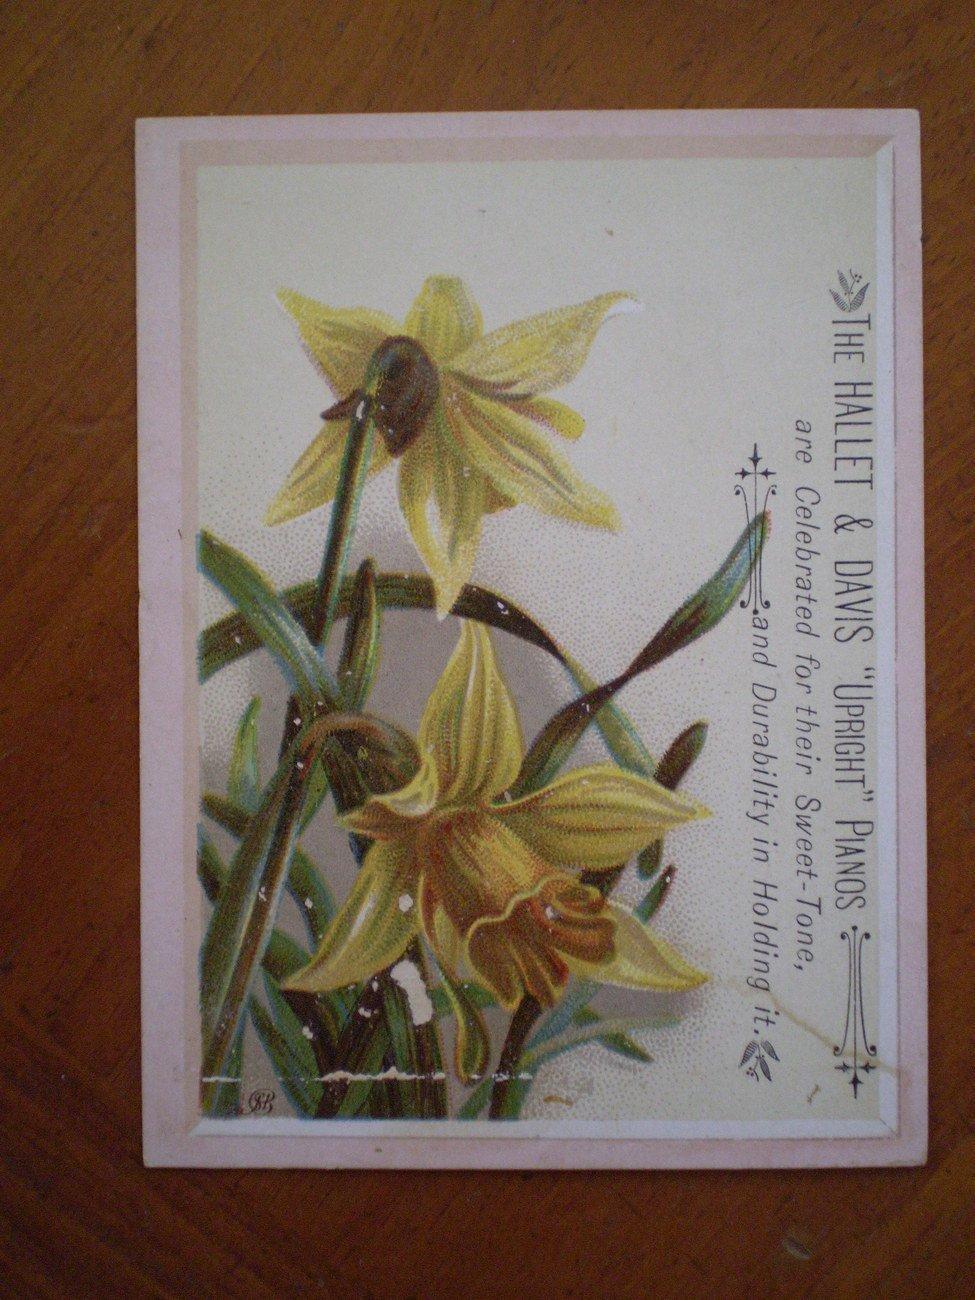 Hallet Davis Upright Pianos Trading Trade Card